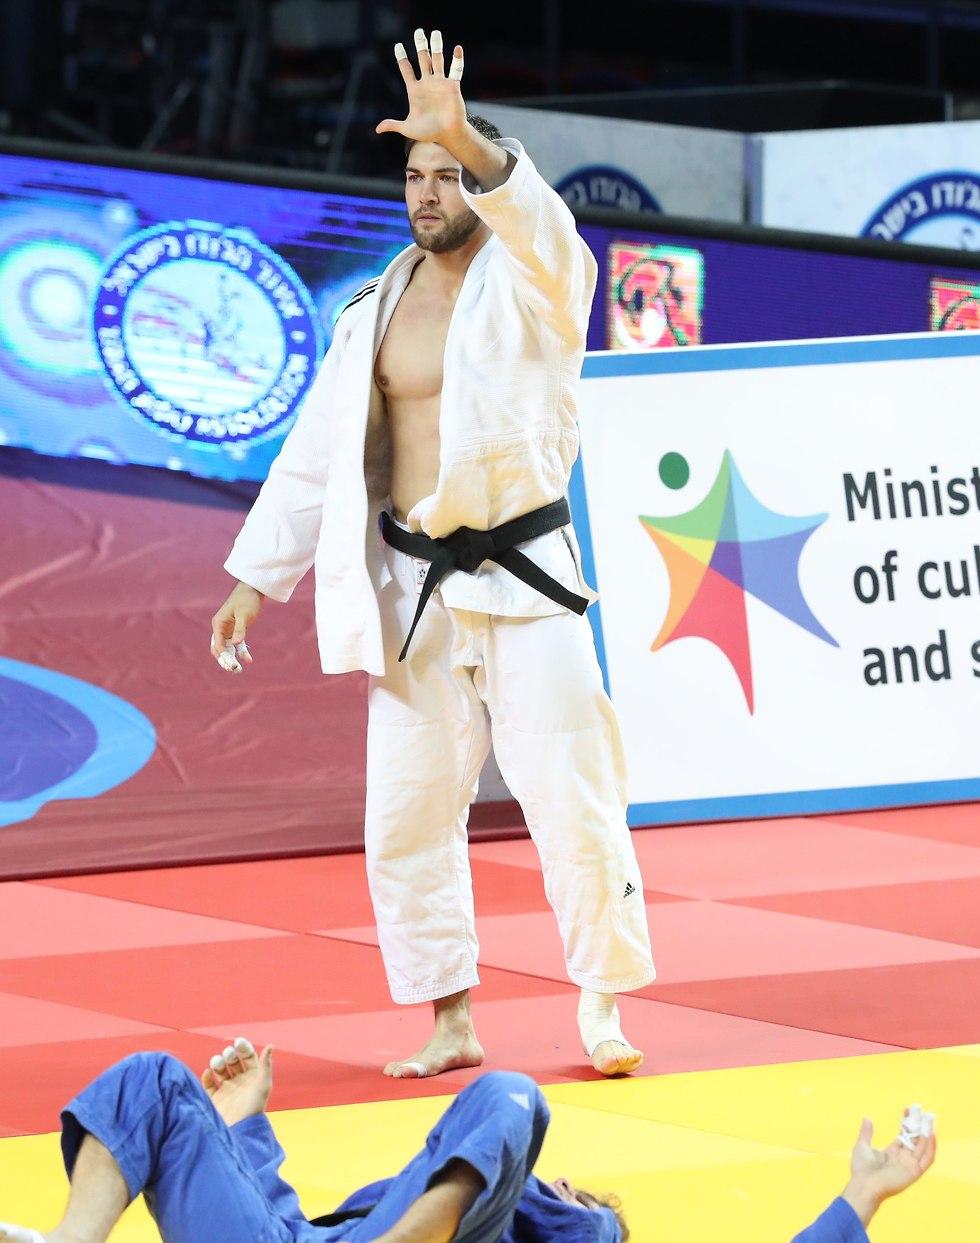 אסף חן חוגג זכייה חמישית באליפות ישראל (צילום: אורן אהרוני)